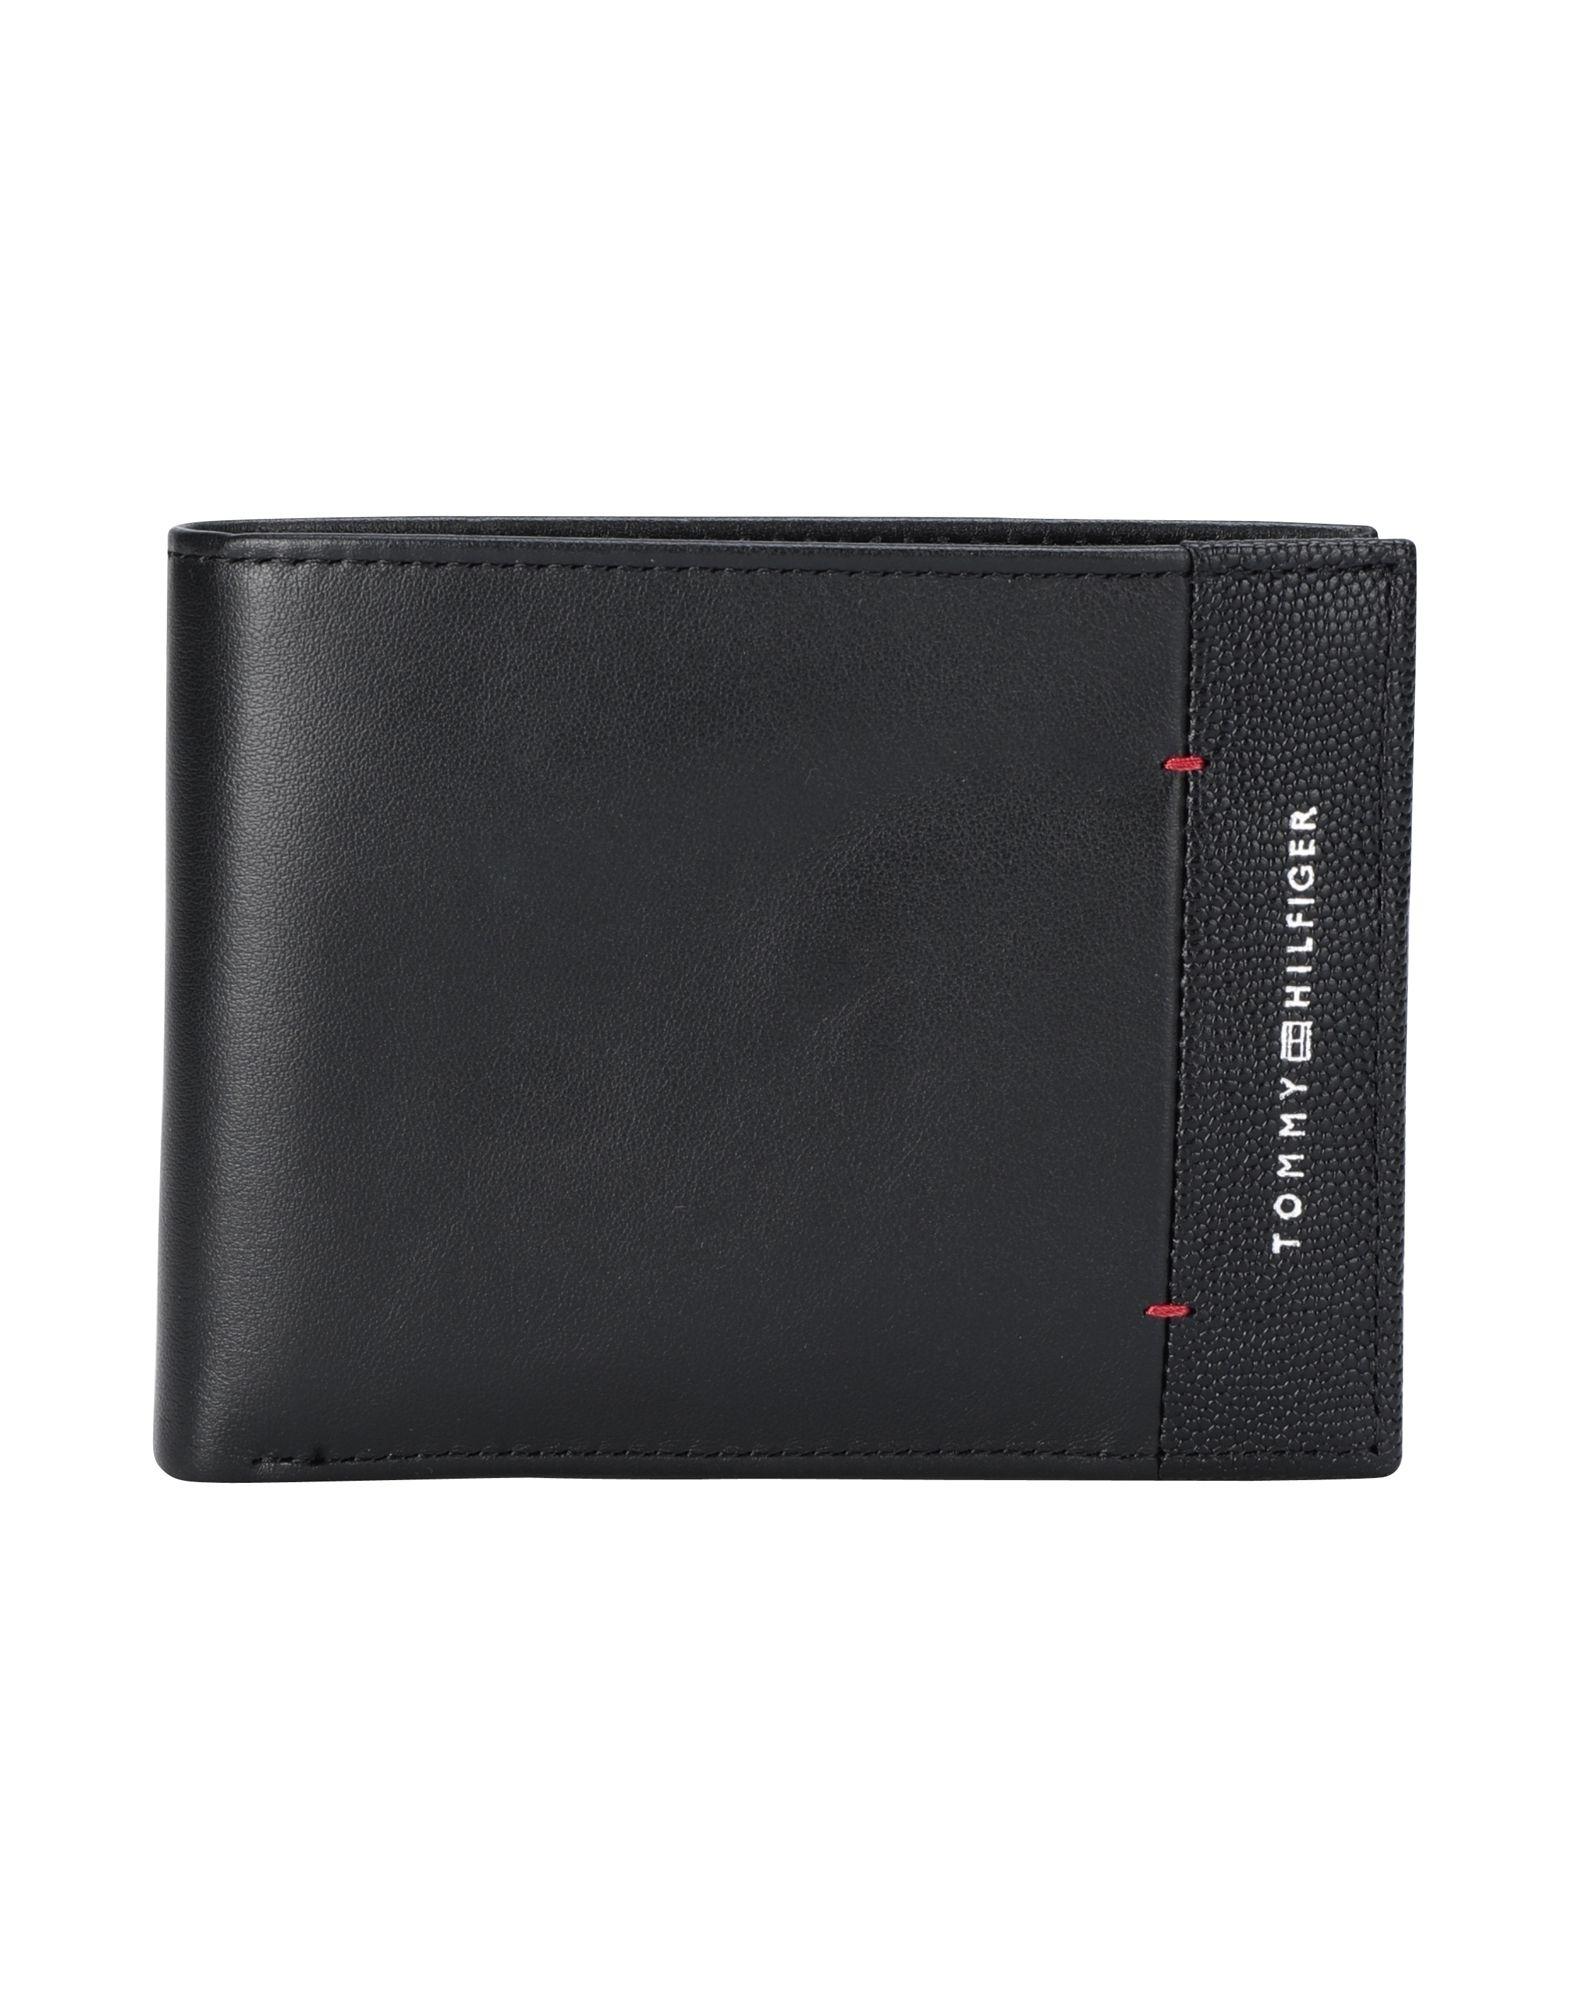 7a4e32c58862 トミー・ヒルフィガー(Tommy Hilfiger) メンズ長財布 | 通販・人気 ...